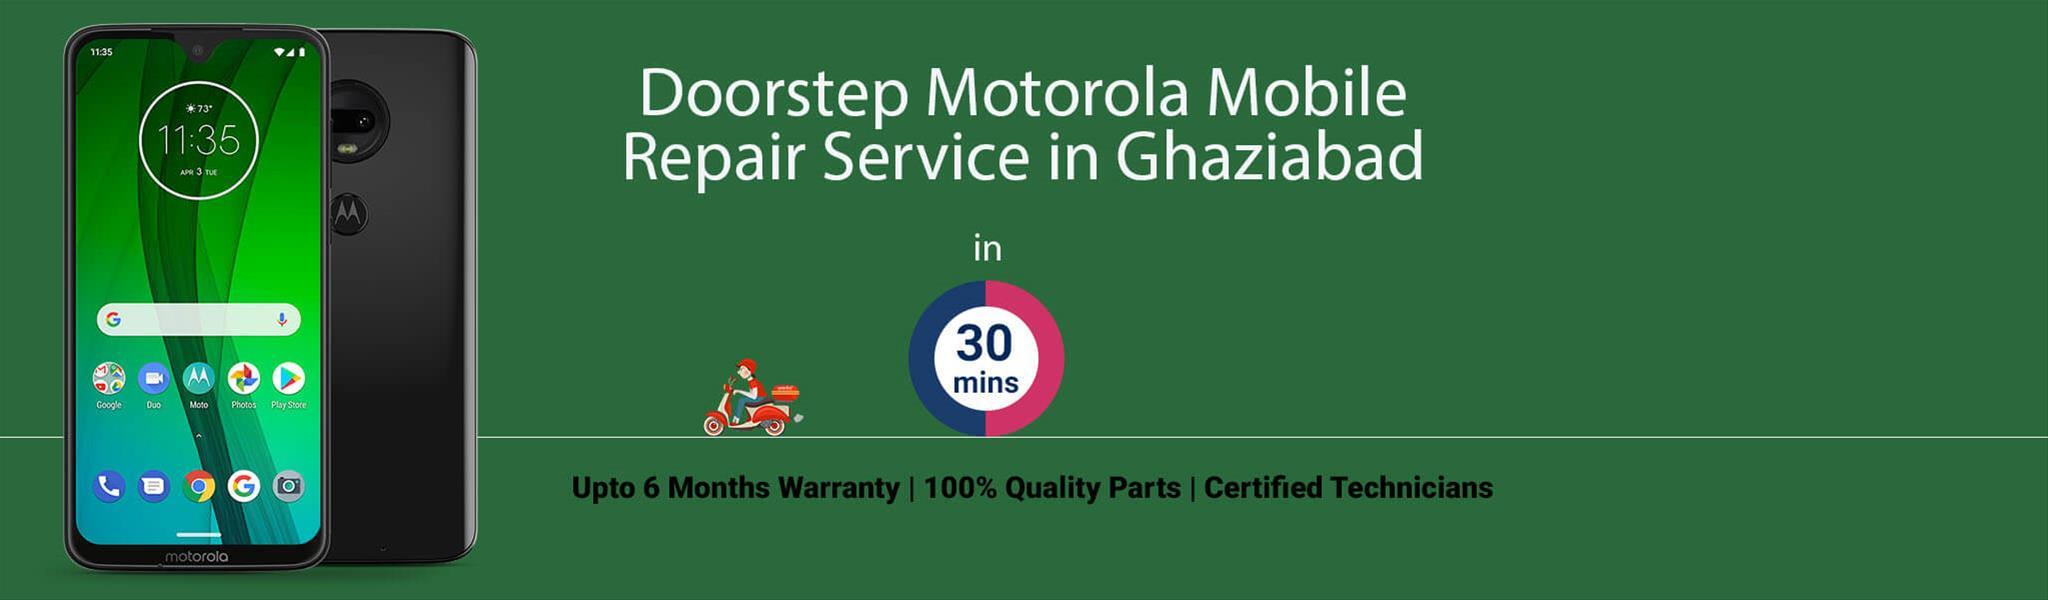 motorola-repair-service-banner-ghaziabad.jpg